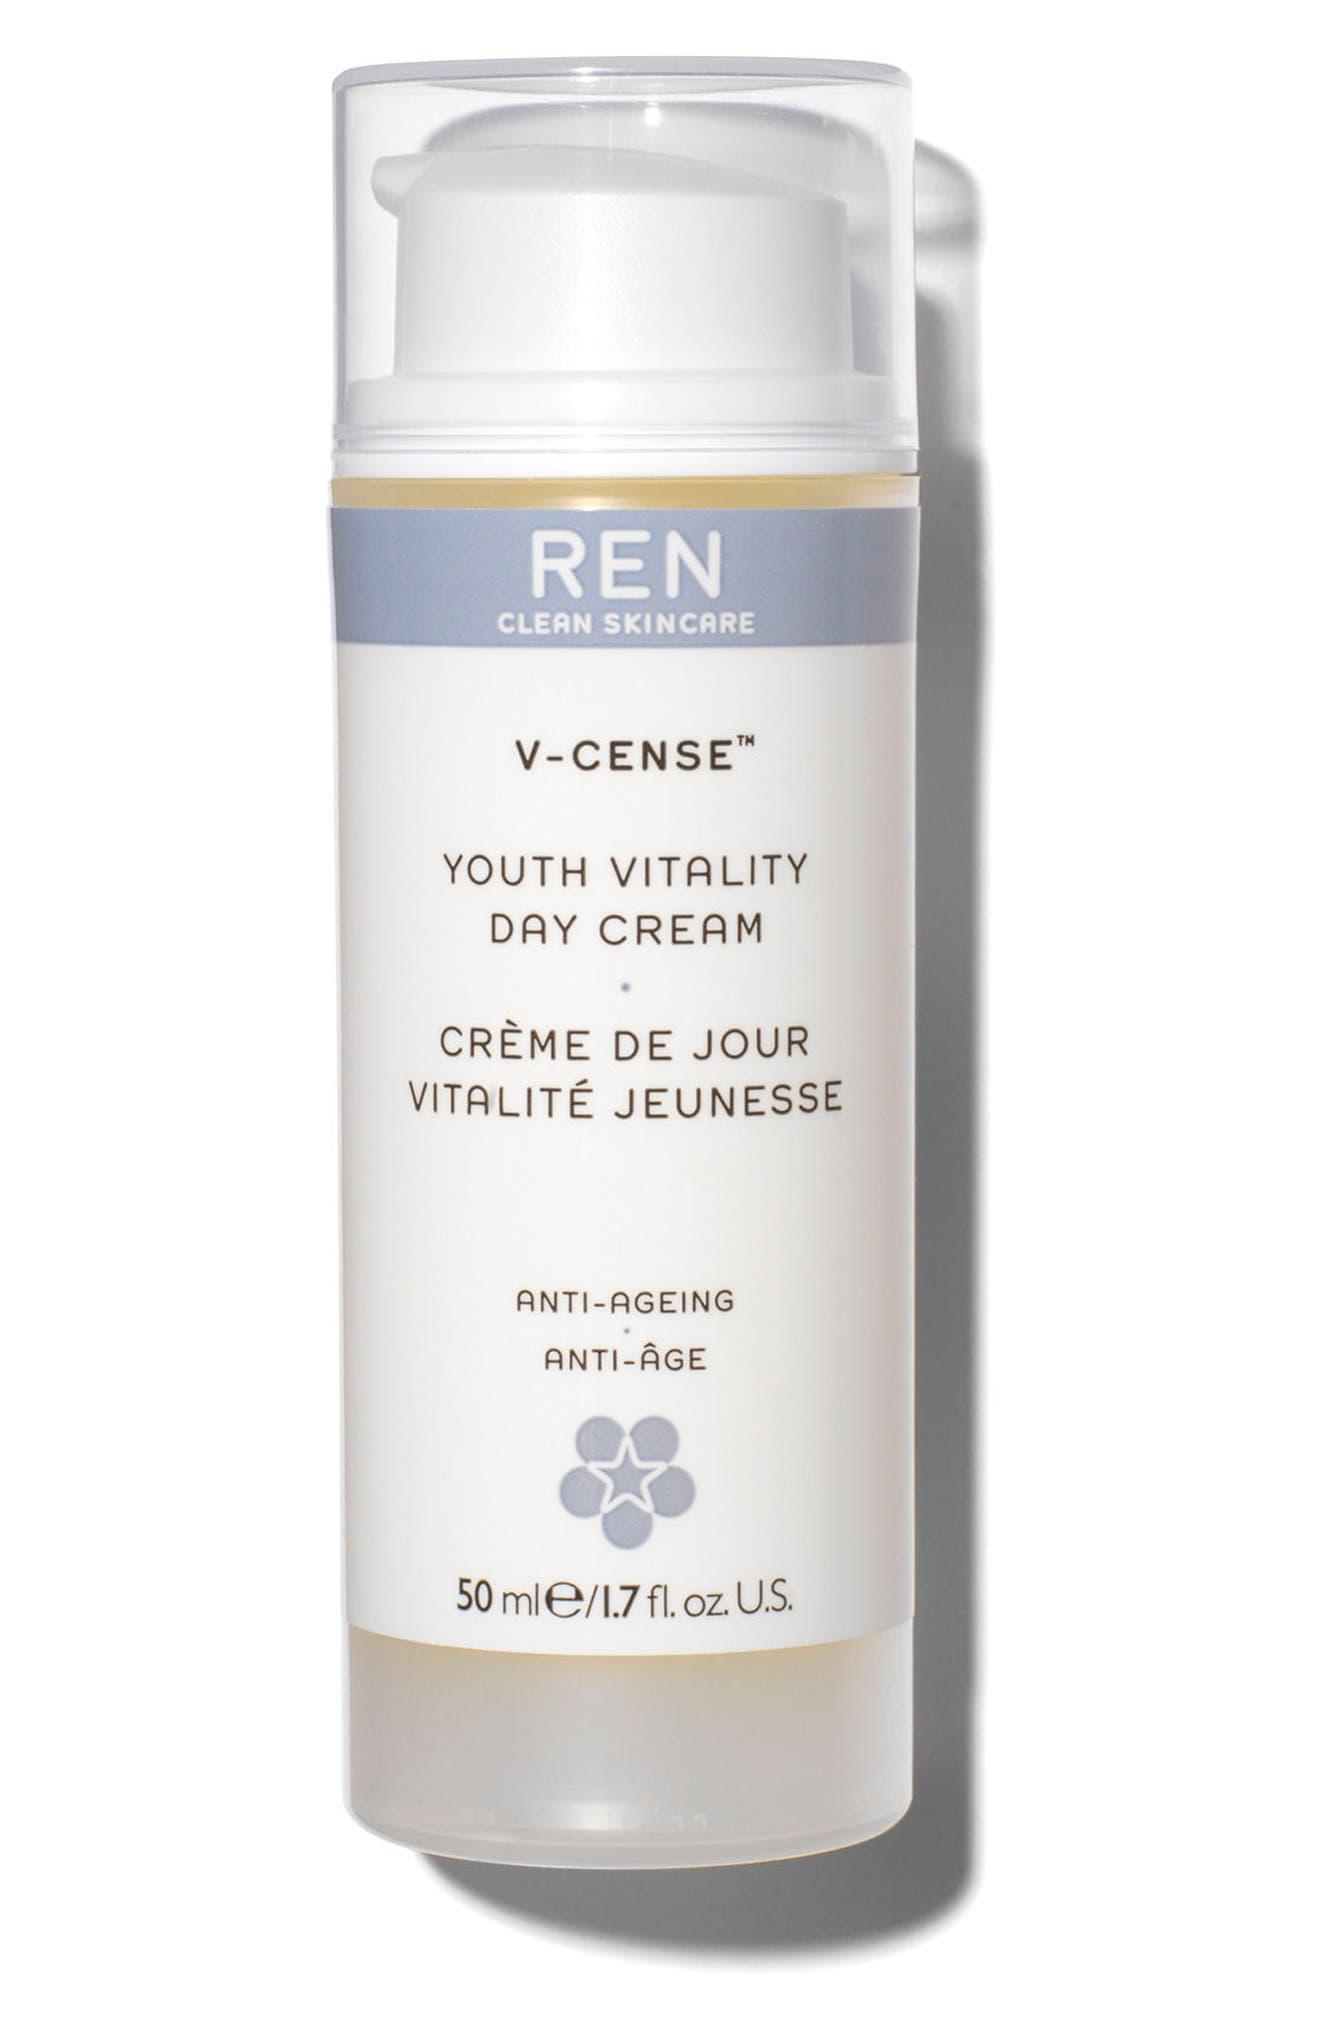 Ren V-CENSE(TM) YOUTH VITALITY DAY CREAM